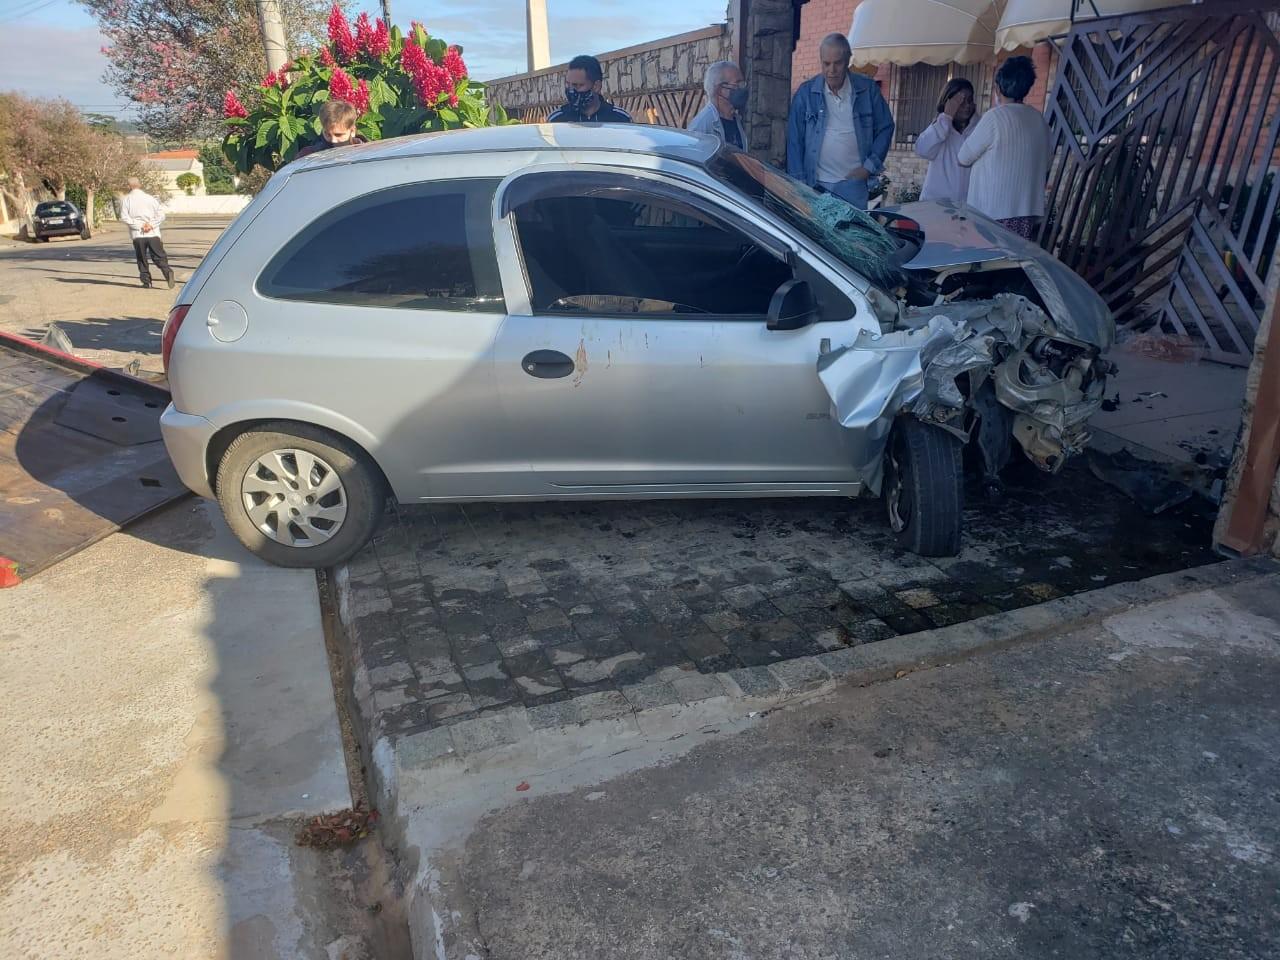 Jovem de 19 anos morre após acidente em avenida de Boituva